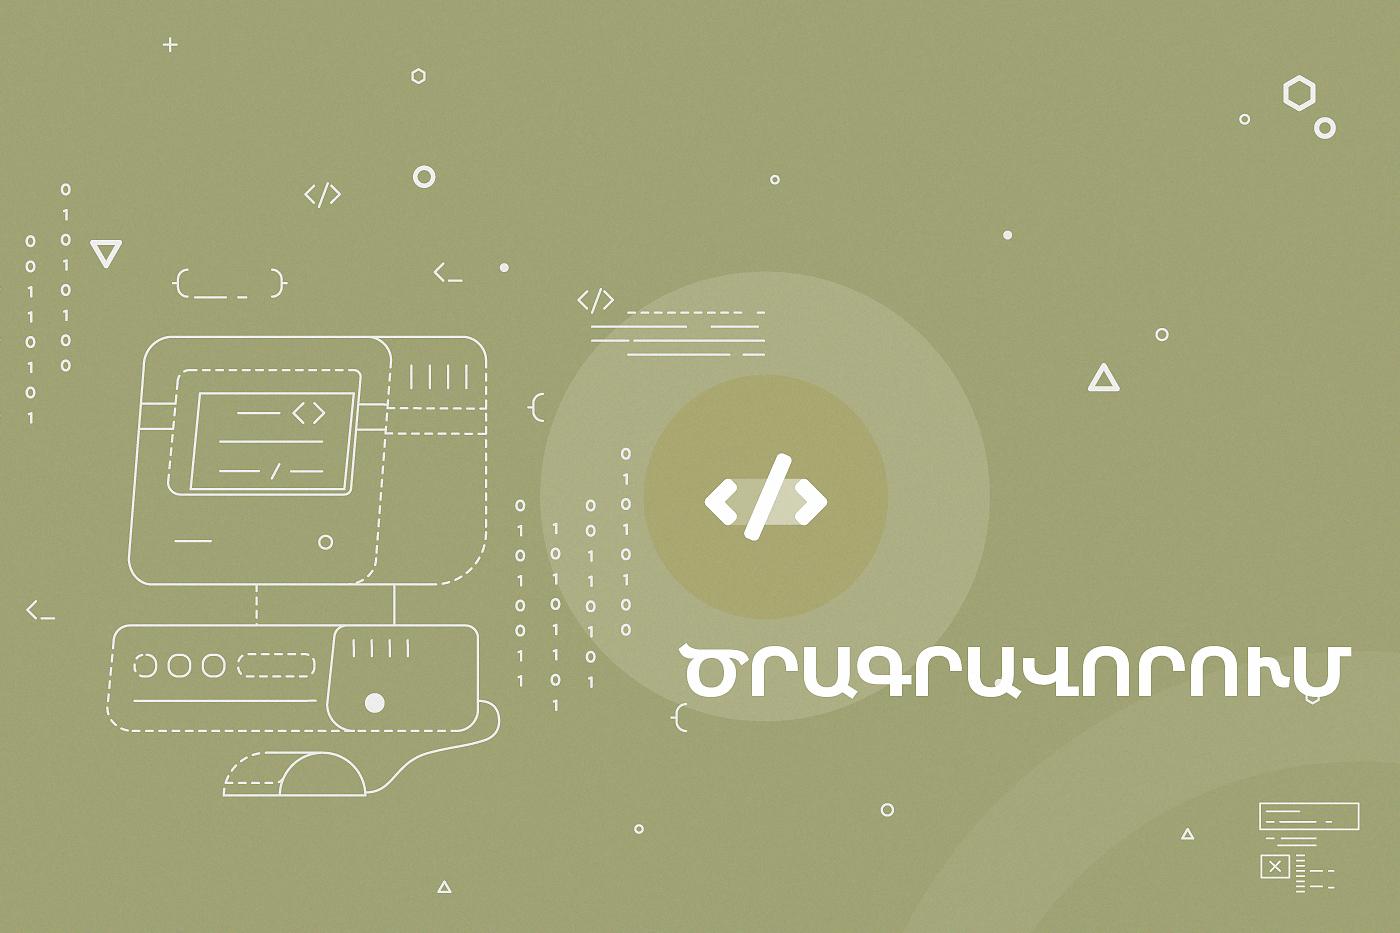 programming - Ծրագրավորում